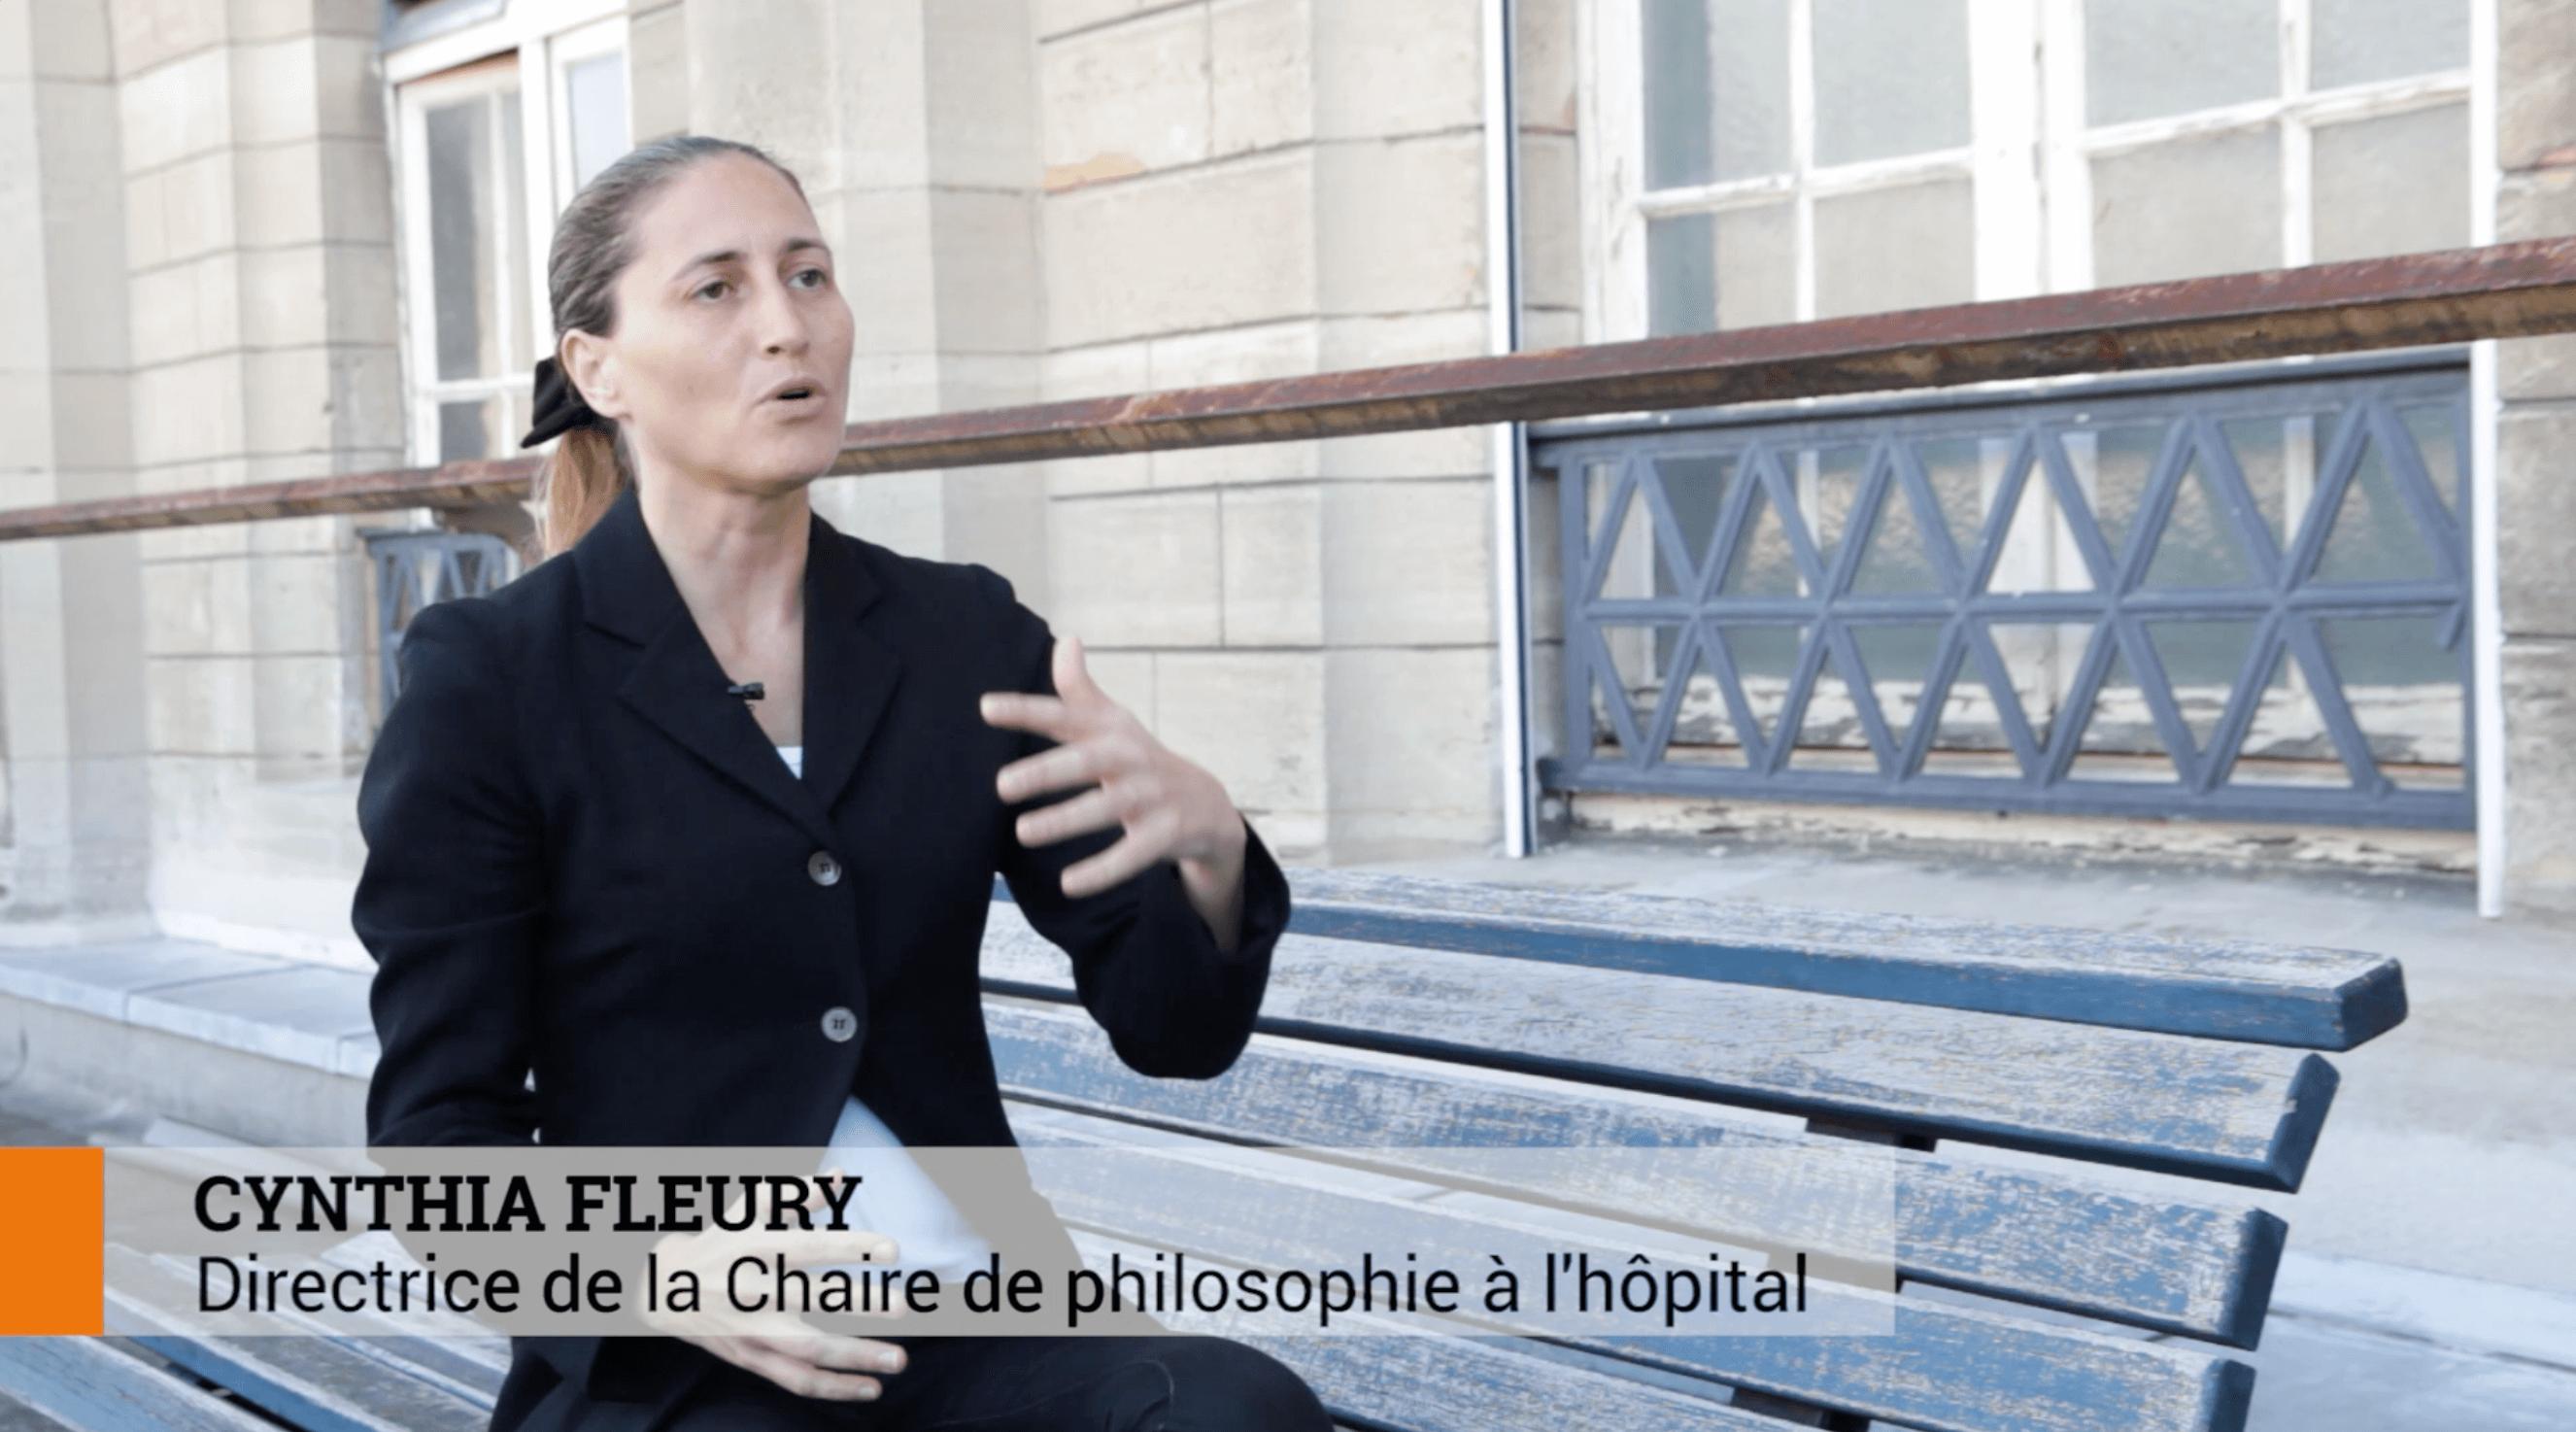 Qu'est-ce que la chaire de Philosophie à l'hôpital?